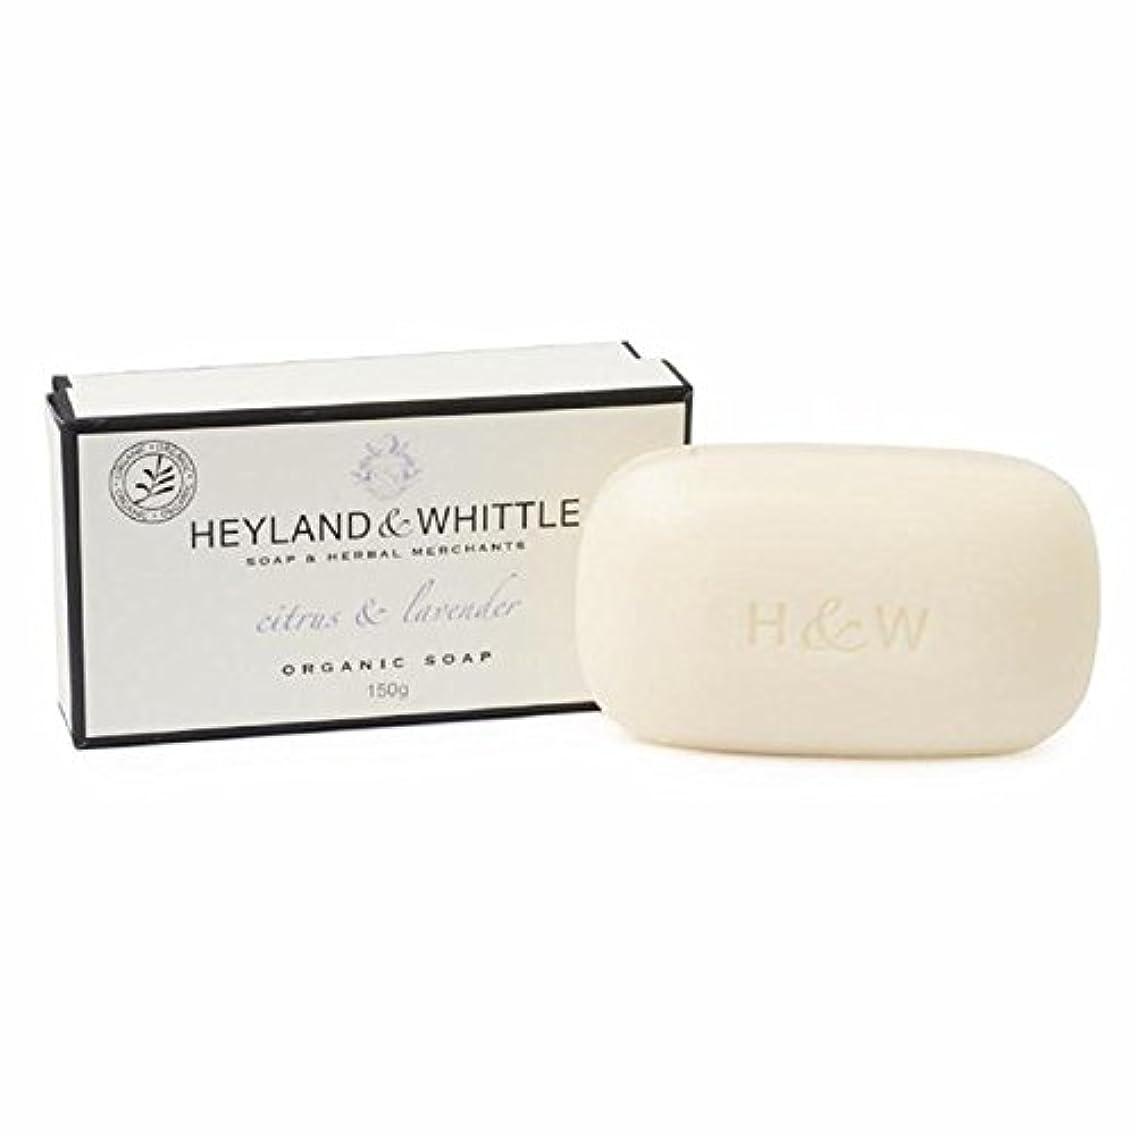 おとうさん息切れメモ&削るシトラス&ラベンダーは、有機石鹸150グラム箱入り x4 - Heyland & Whittle Citrus & Lavender Boxed Organic Soap 150g (Pack of 4) [並行輸入品]